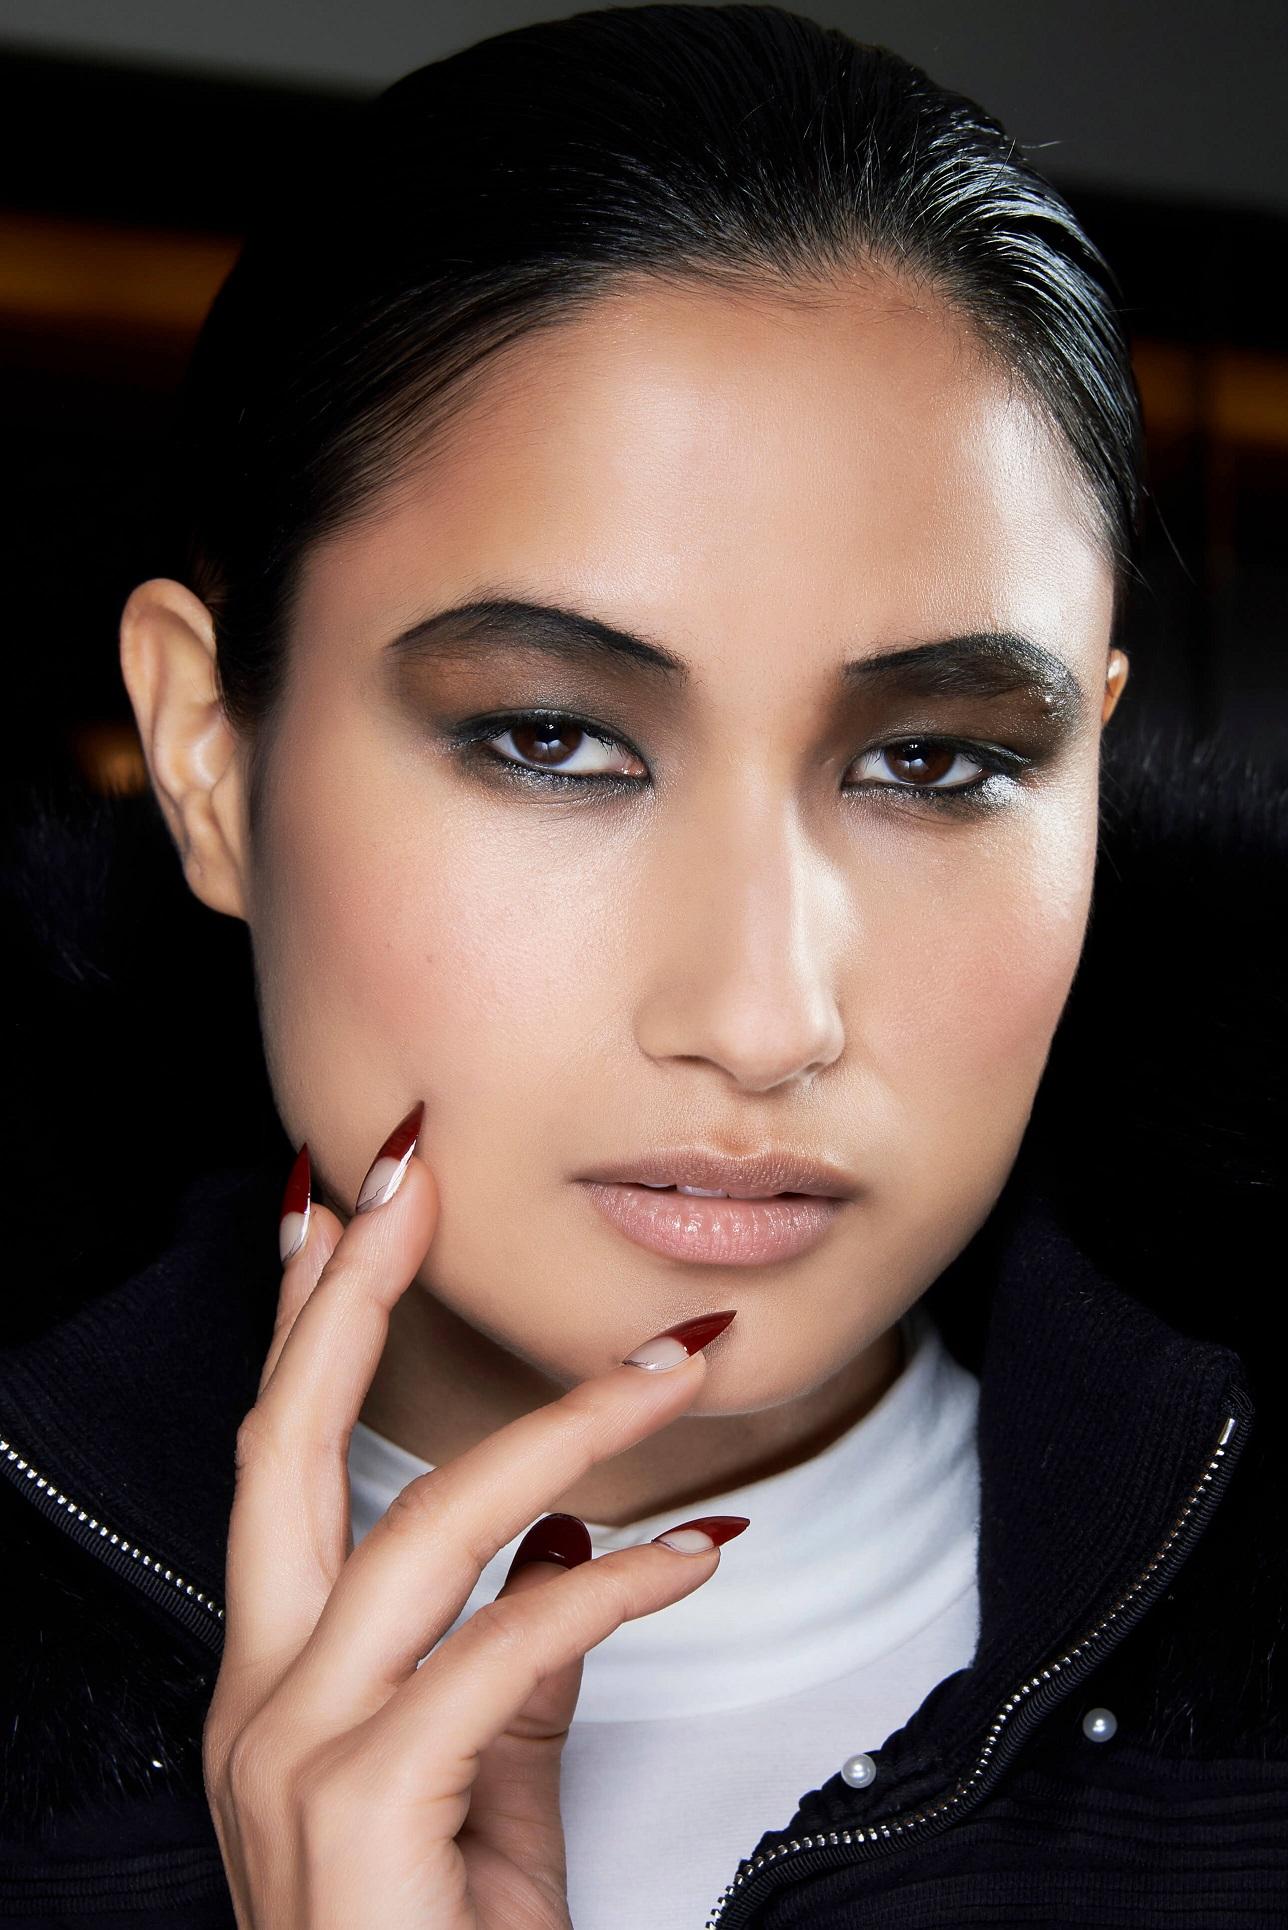 Подиумные тенденции: 10 модных дизайнов маникюра 2021 года-Фото 11